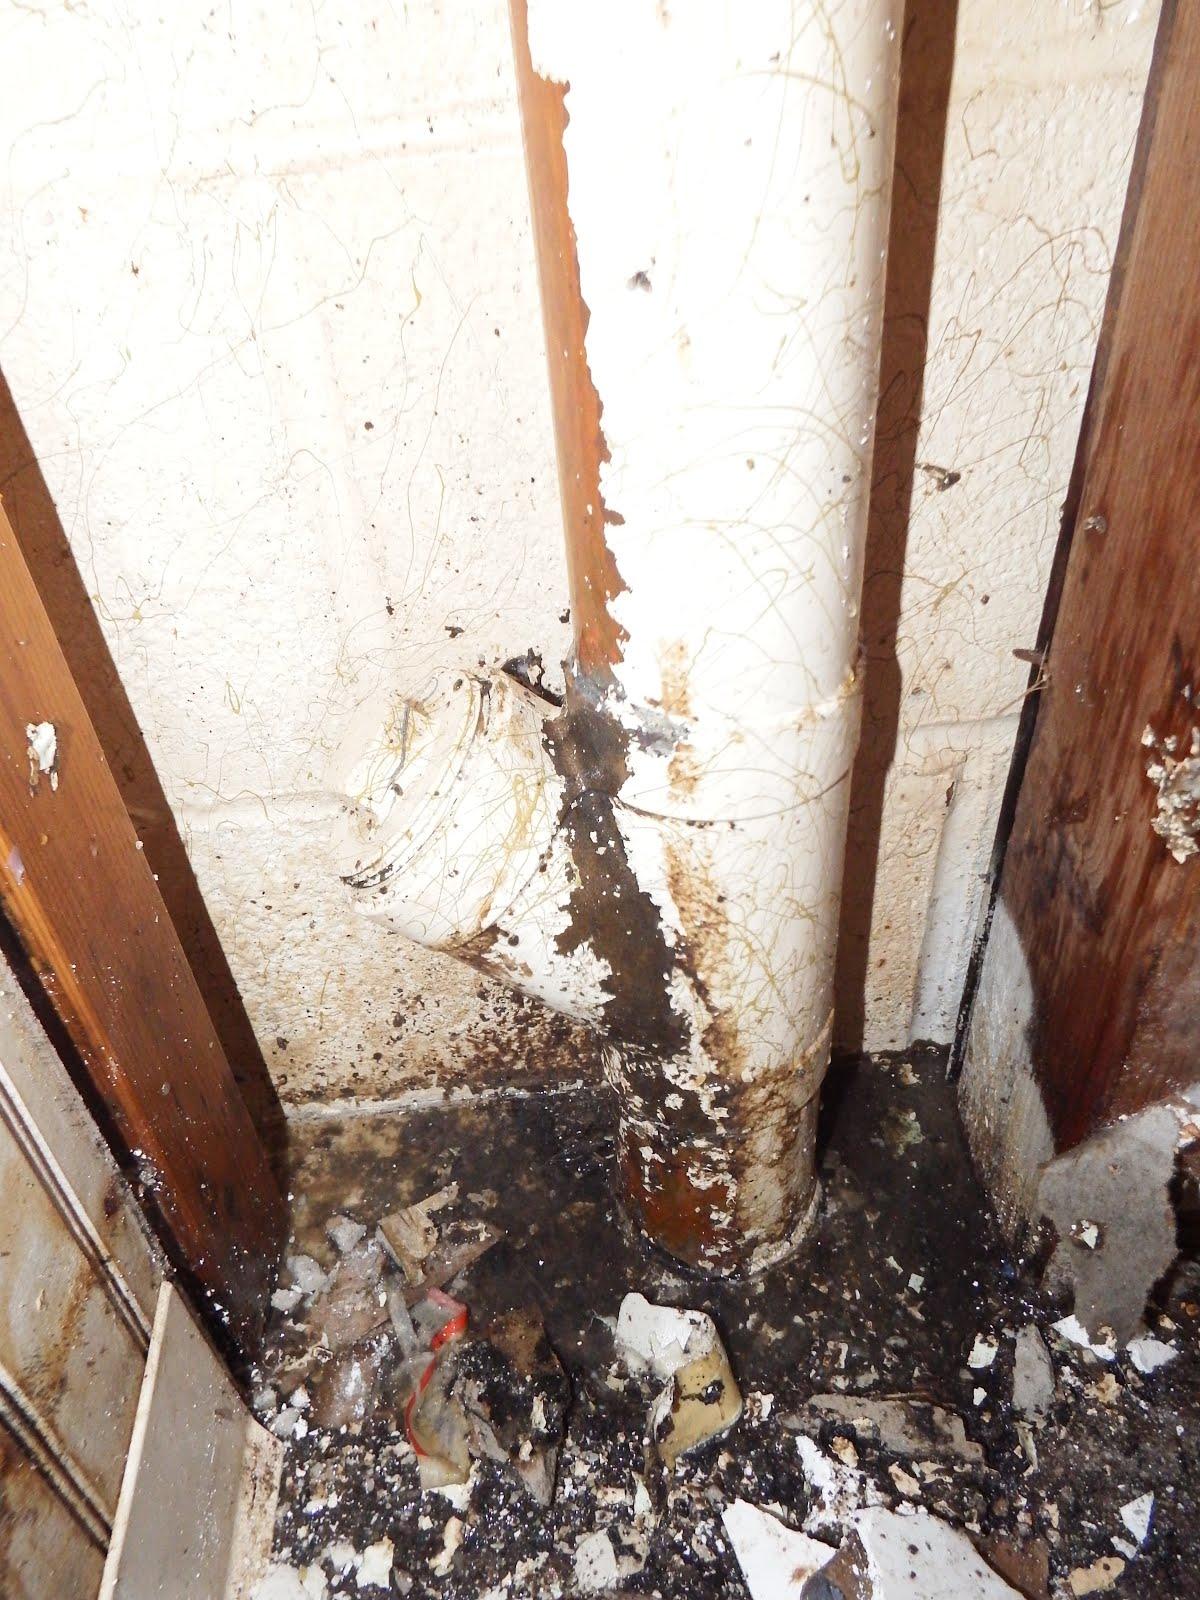 Pipe Broken Bathroom